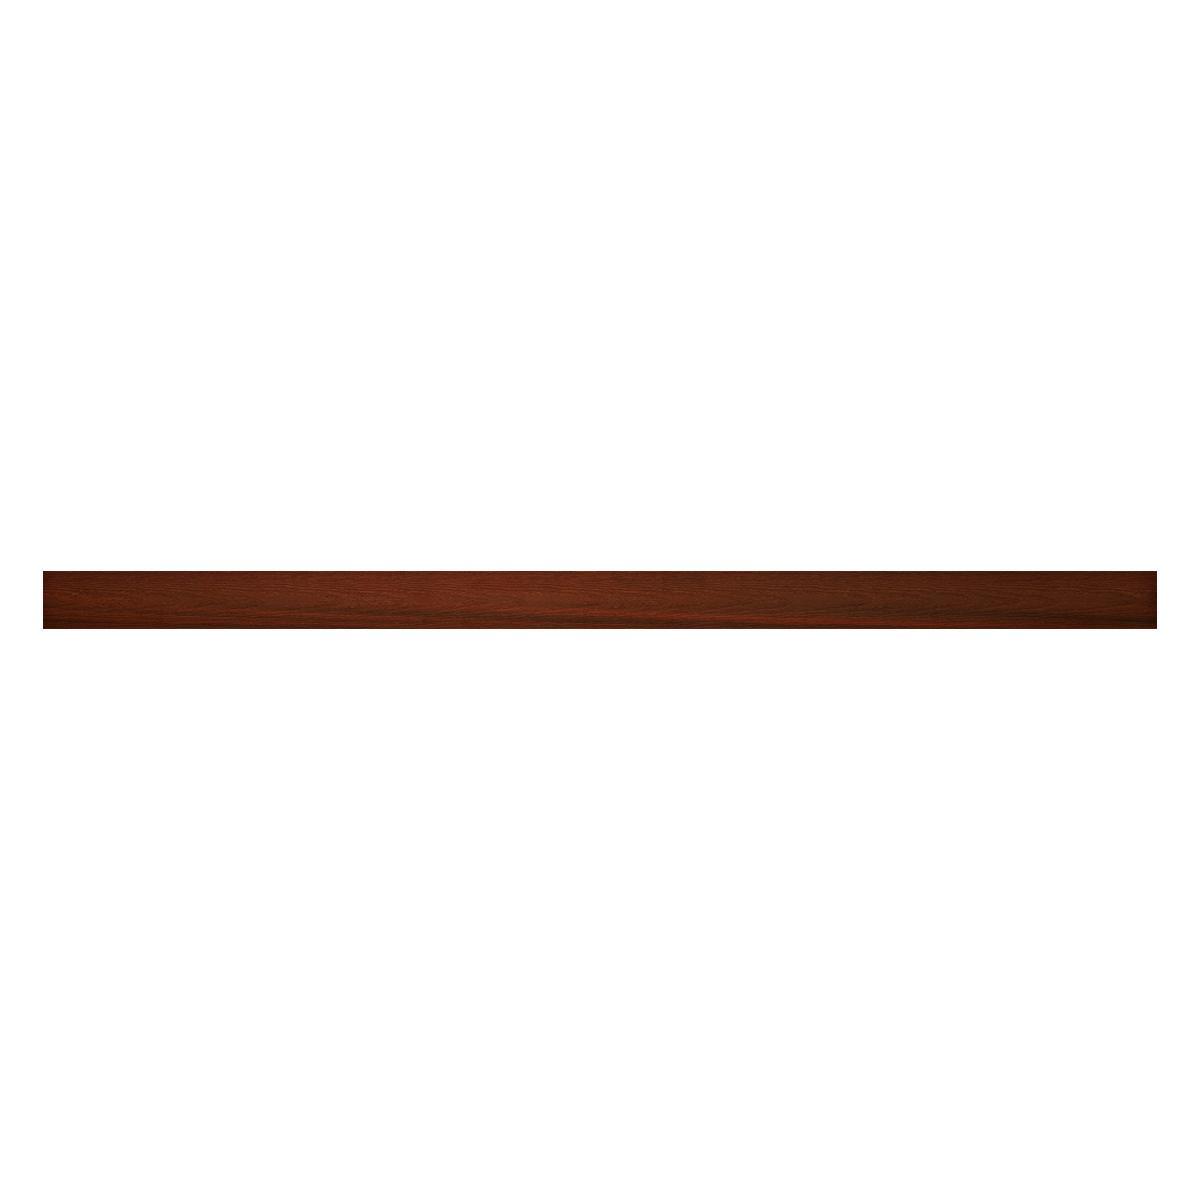 Piso Deck Rose Wood Mate - 14X290 - 0.42 m2